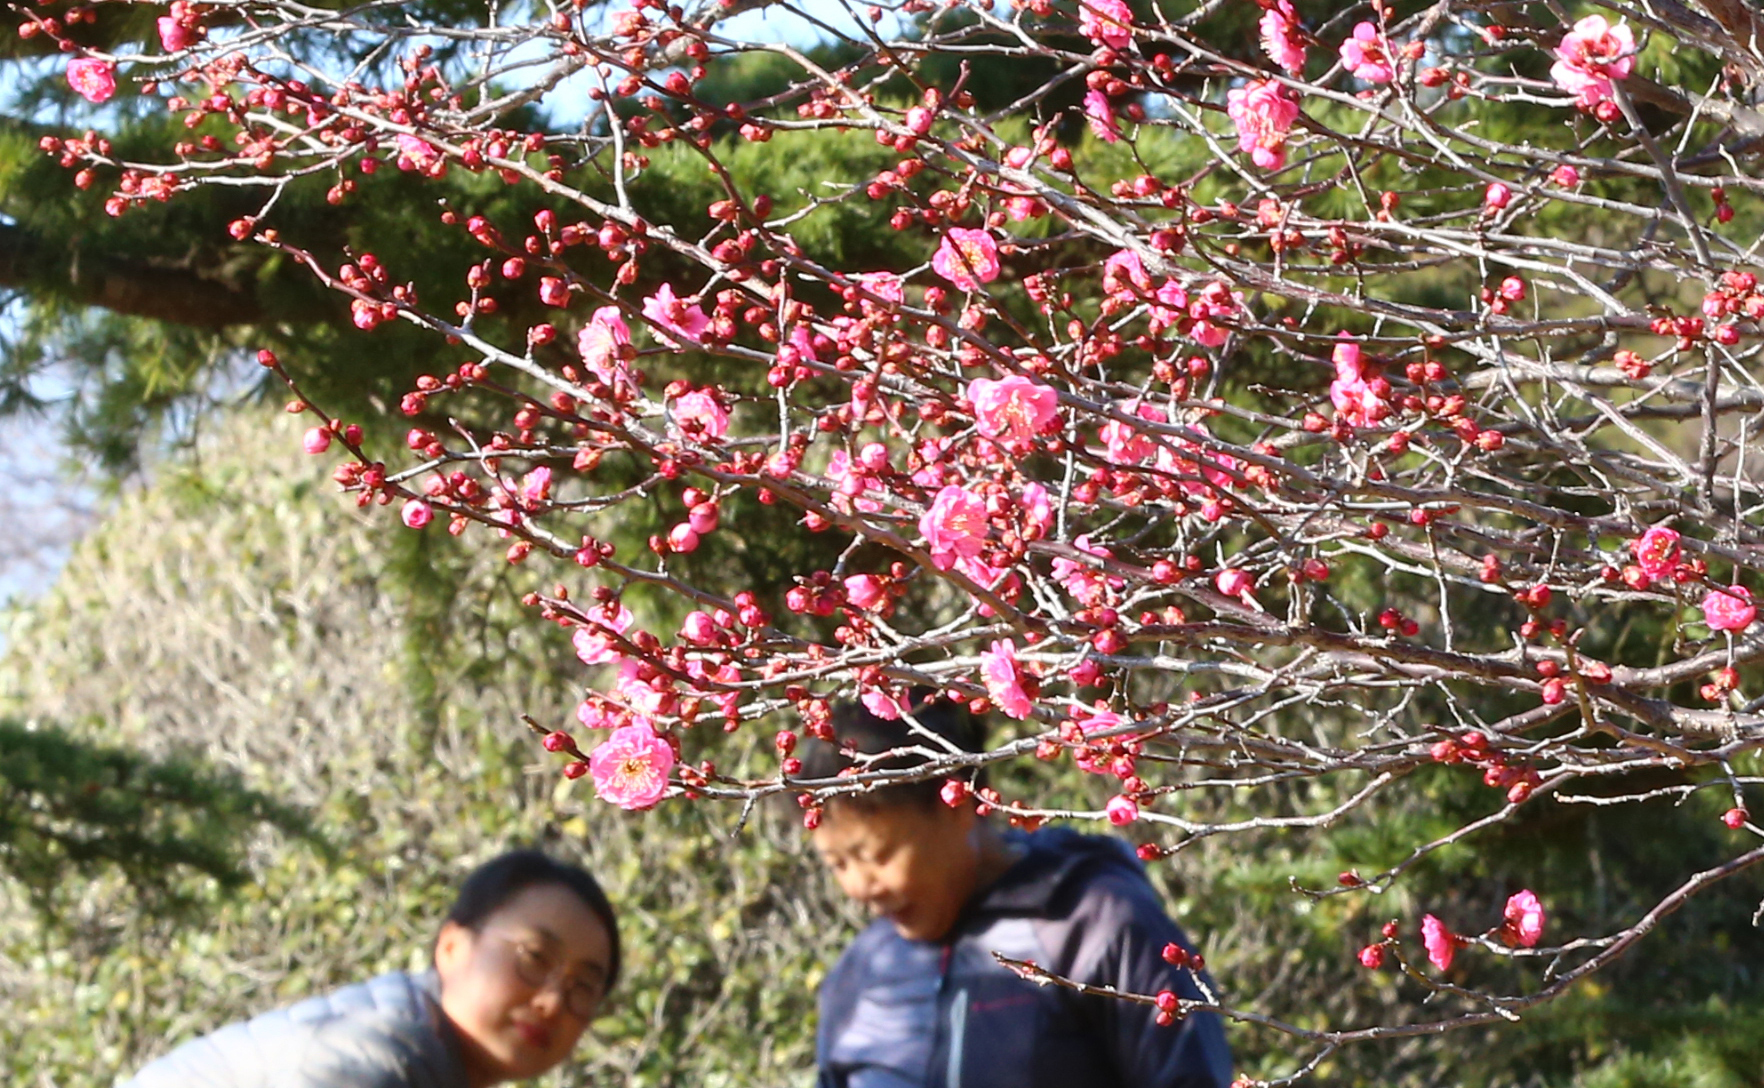 겨울 답지 않은 날씨가 이어지면서 지난 1월 3일 소한(小寒)을 이틀 앞두고 부산시 남구 유엔기념공원에 있는 홍매화가 꽃망울을 터뜨렸다. [중앙포토]